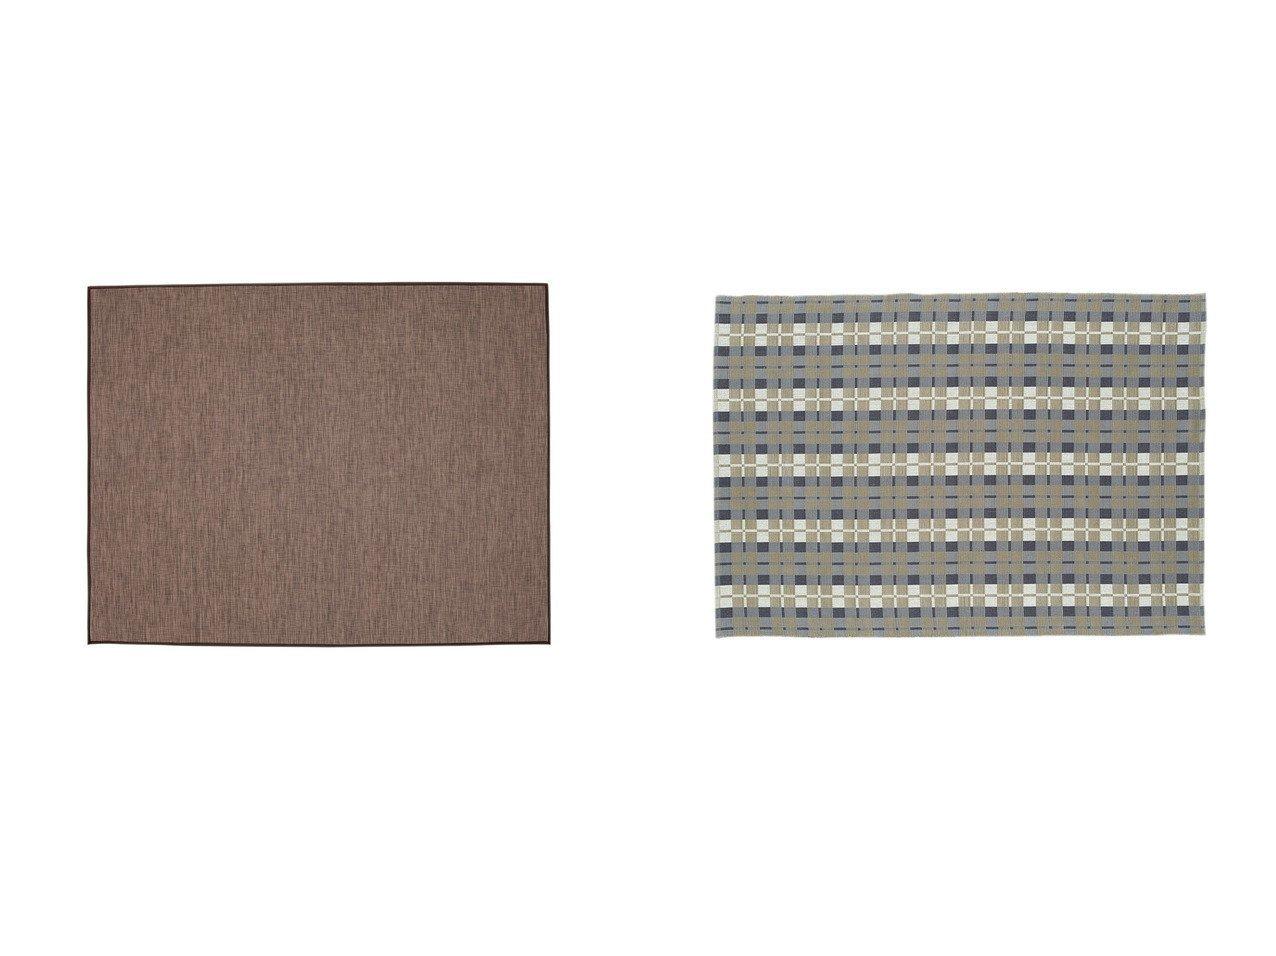 【FLYMEe vert/フライミー ヴェール】のラグ n7337&ラグ n7357 【ラグ・絨毯・カーペット お家時間 FURNITURE】おすすめ!人気、インテリア雑貨・家具の通販 おすすめで人気の流行・トレンド、ファッションの通販商品 インテリア・家具・メンズファッション・キッズファッション・レディースファッション・服の通販 founy(ファニー) https://founy.com/ 送料無料 Free Shipping チェック おすすめ Recommend ツイード ミックス |ID:crp329100000054352